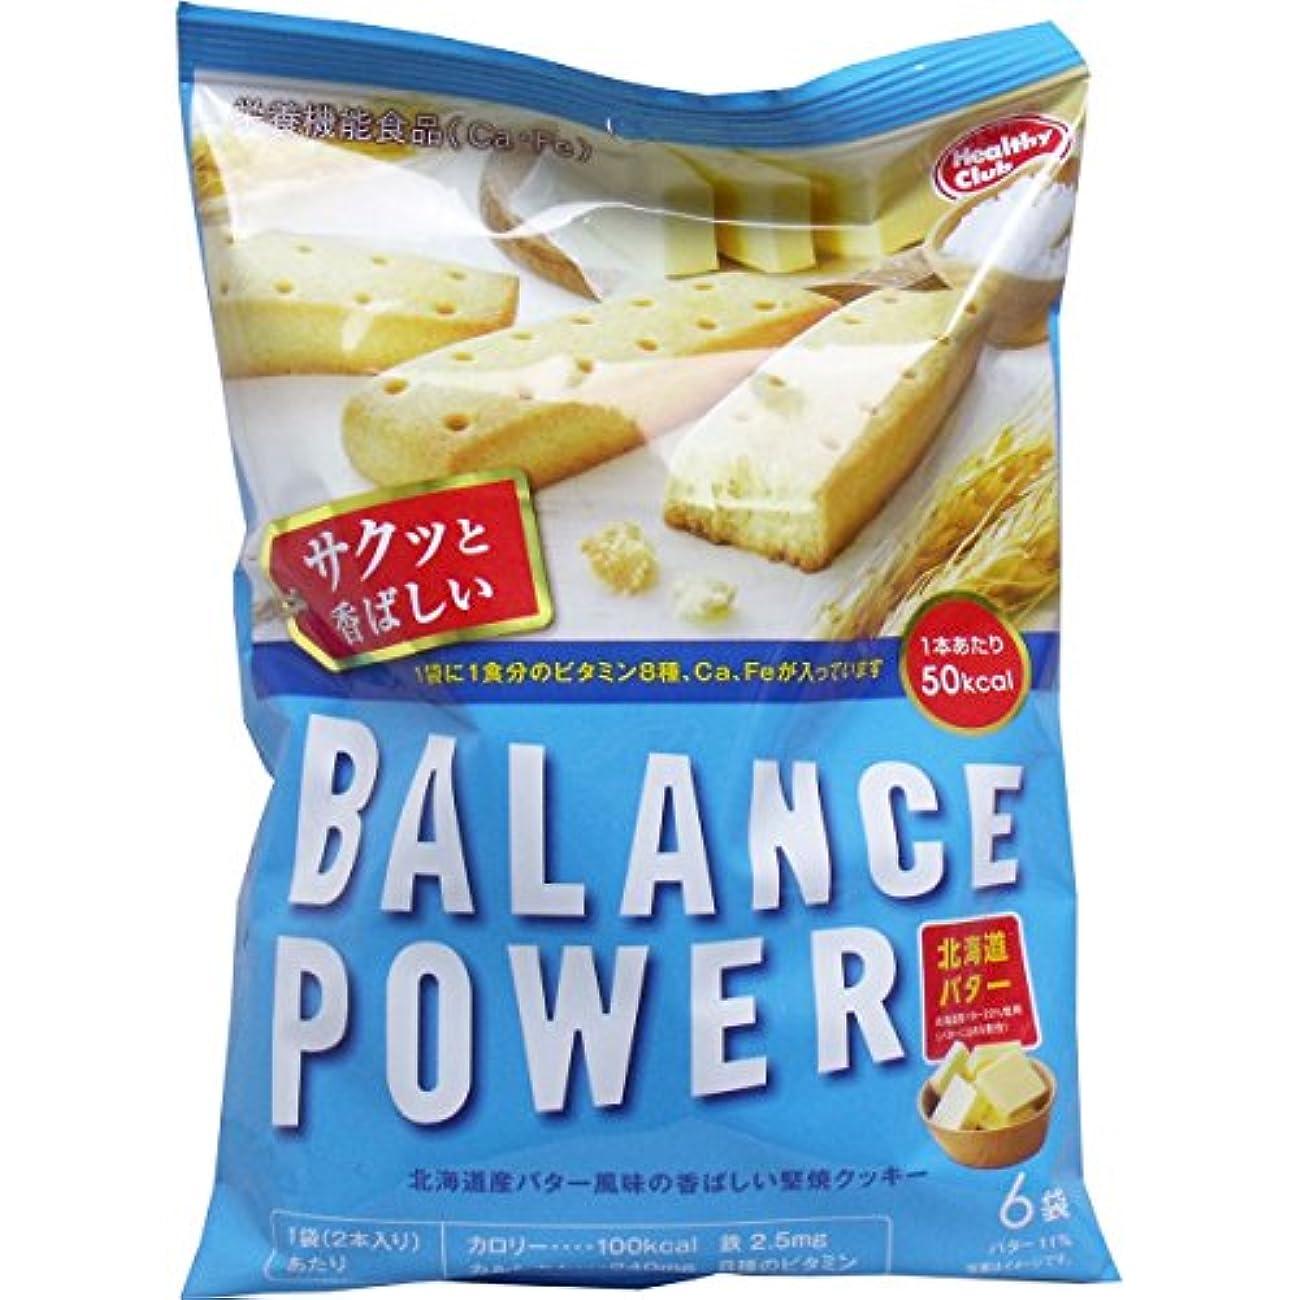 恐れる名目上のやりがいのあるバランスパワー 北海道バター味 6袋(12本)入